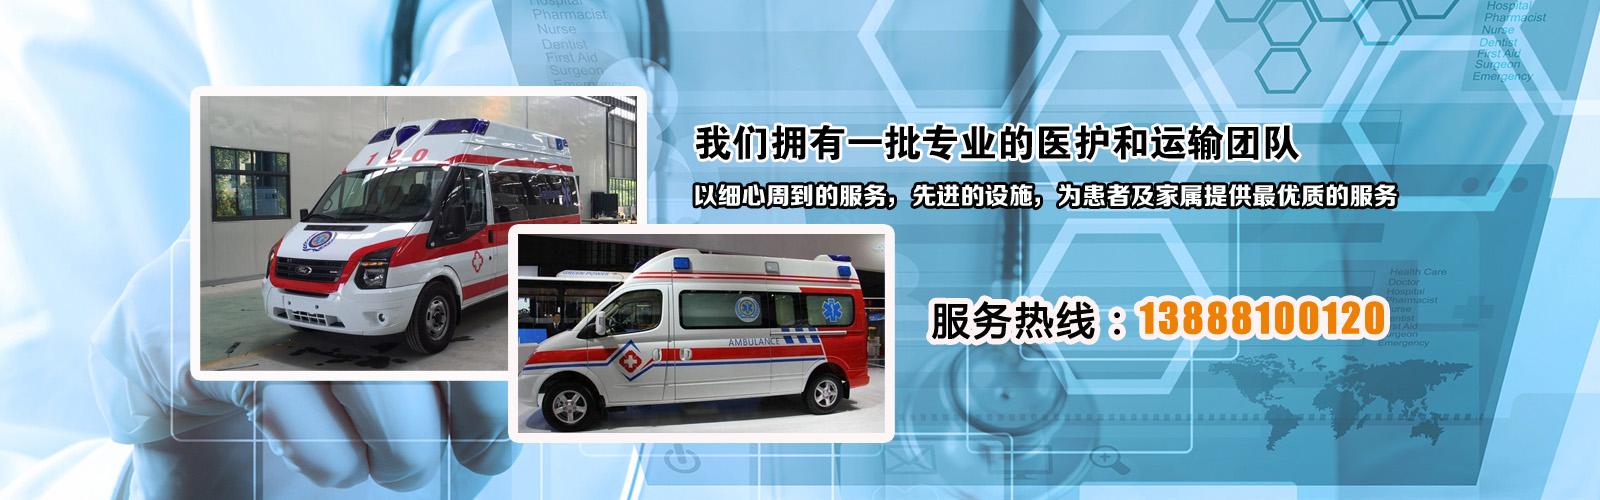 万博官网manbetx电脑版120急救车